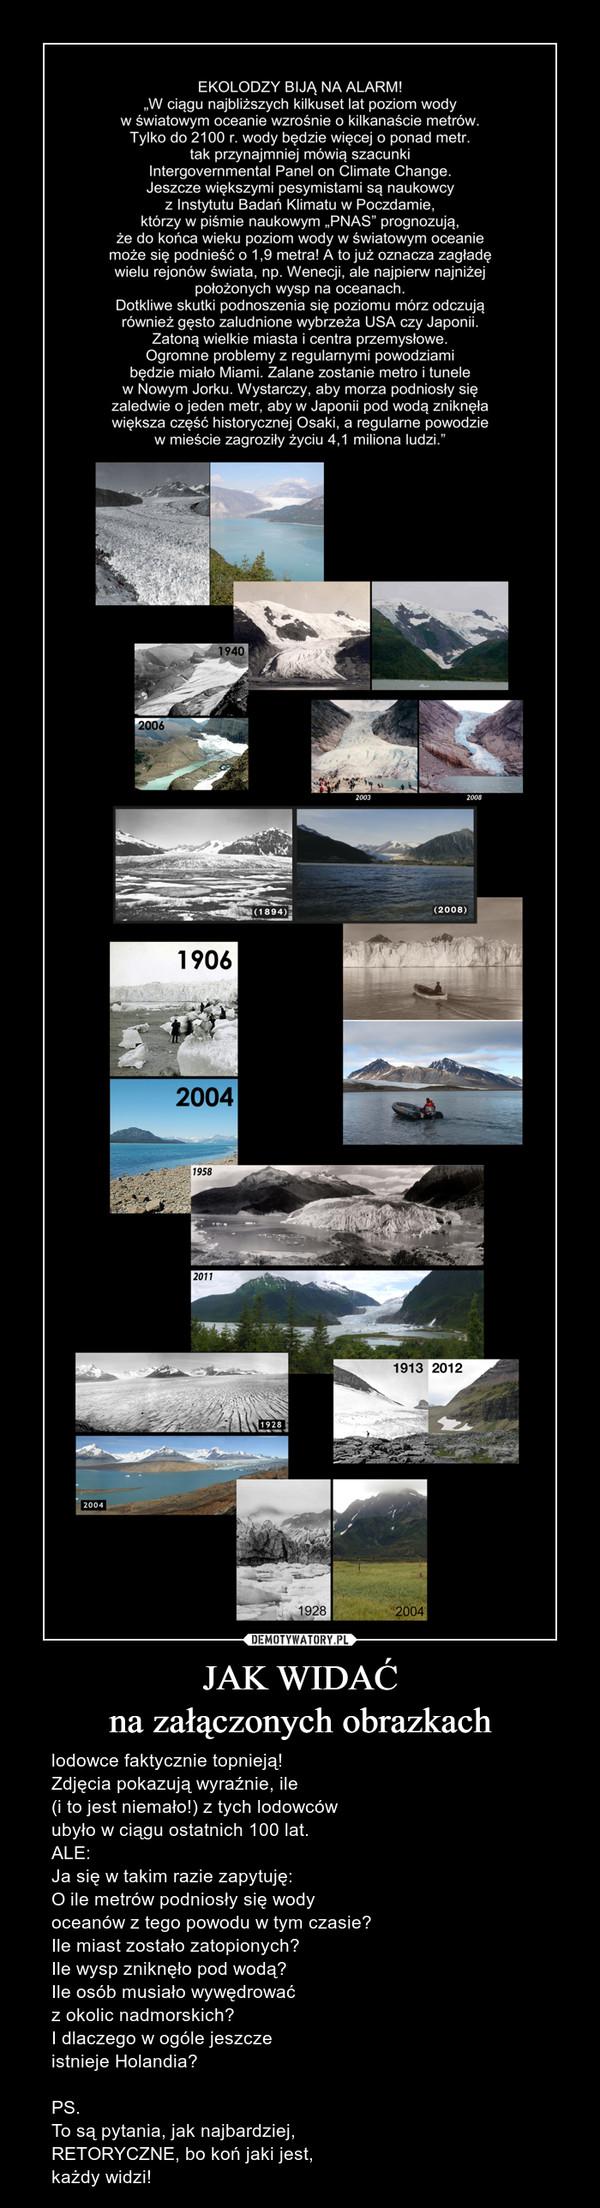 JAK WIDAĆna załączonych obrazkach – lodowce faktycznie topnieją! Zdjęcia pokazują wyraźnie, ile (i to jest niemało!) z tych lodowców ubyło w ciągu ostatnich 100 lat. ALE: Ja się w takim razie zapytuję:O ile metrów podniosły się wody oceanów z tego powodu w tym czasie? Ile miast zostało zatopionych? Ile wysp zniknęło pod wodą?Ile osób musiało wywędrować z okolic nadmorskich? I dlaczego w ogóle jeszcze istnieje Holandia? PS. To są pytania, jak najbardziej, RETORYCZNE, bo koń jaki jest, każdy widzi!